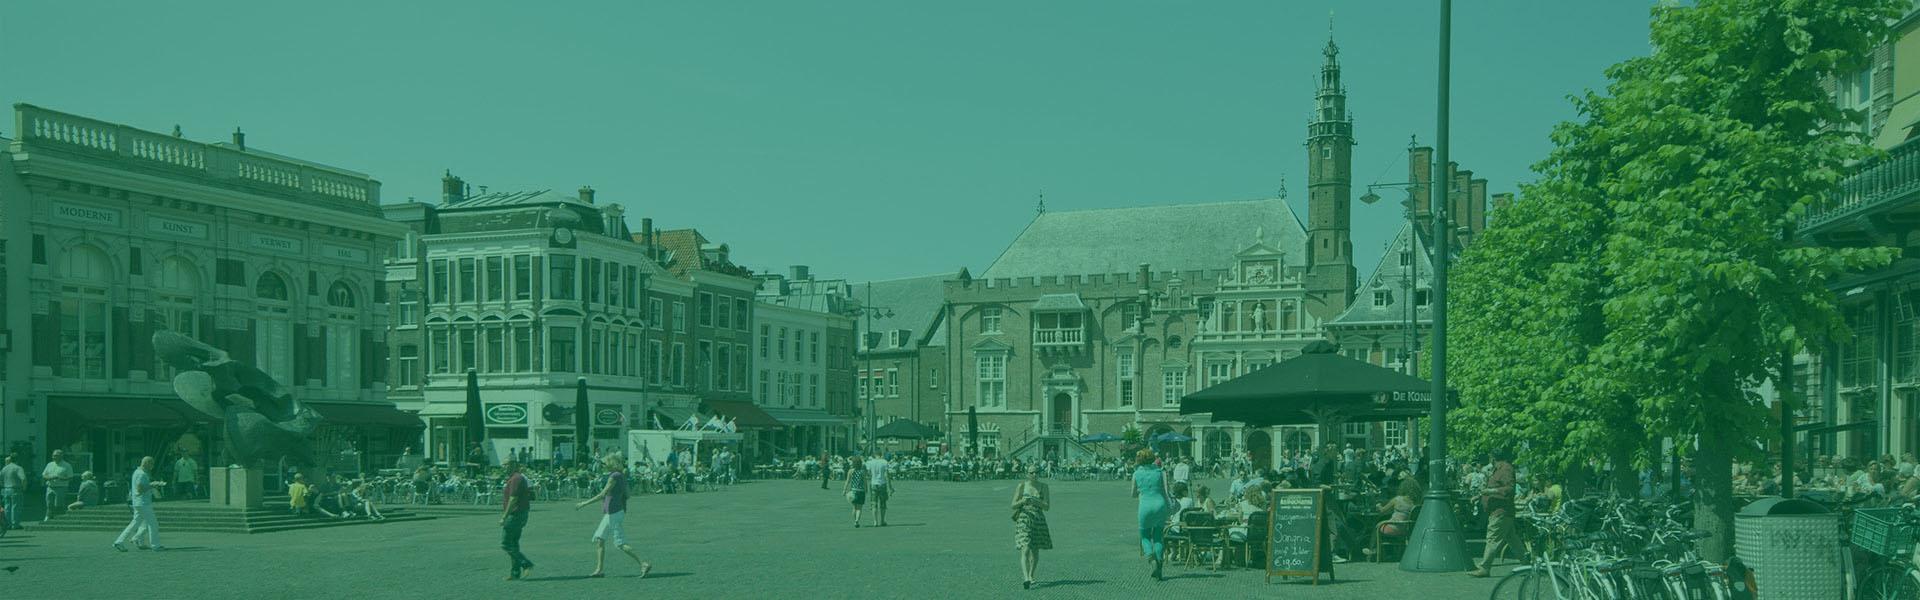 Slider-Overspaern-Makelaardij-Haarlem-en-omgeving-3-groen